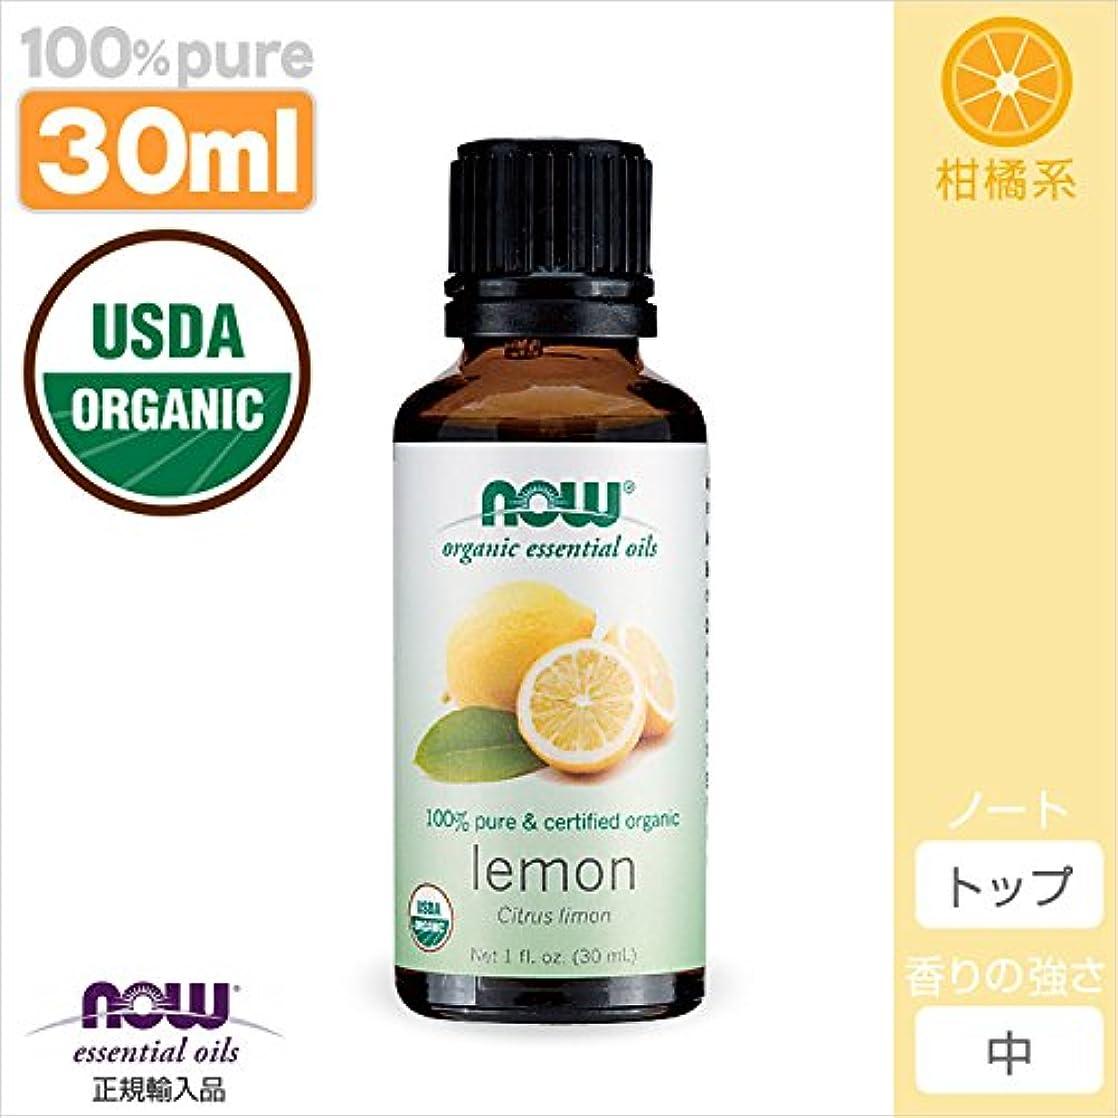 組み込む切る望みレモン精油オーガニック[30ml] 【正規輸入品】 NOWエッセンシャルオイル(アロマオイル)